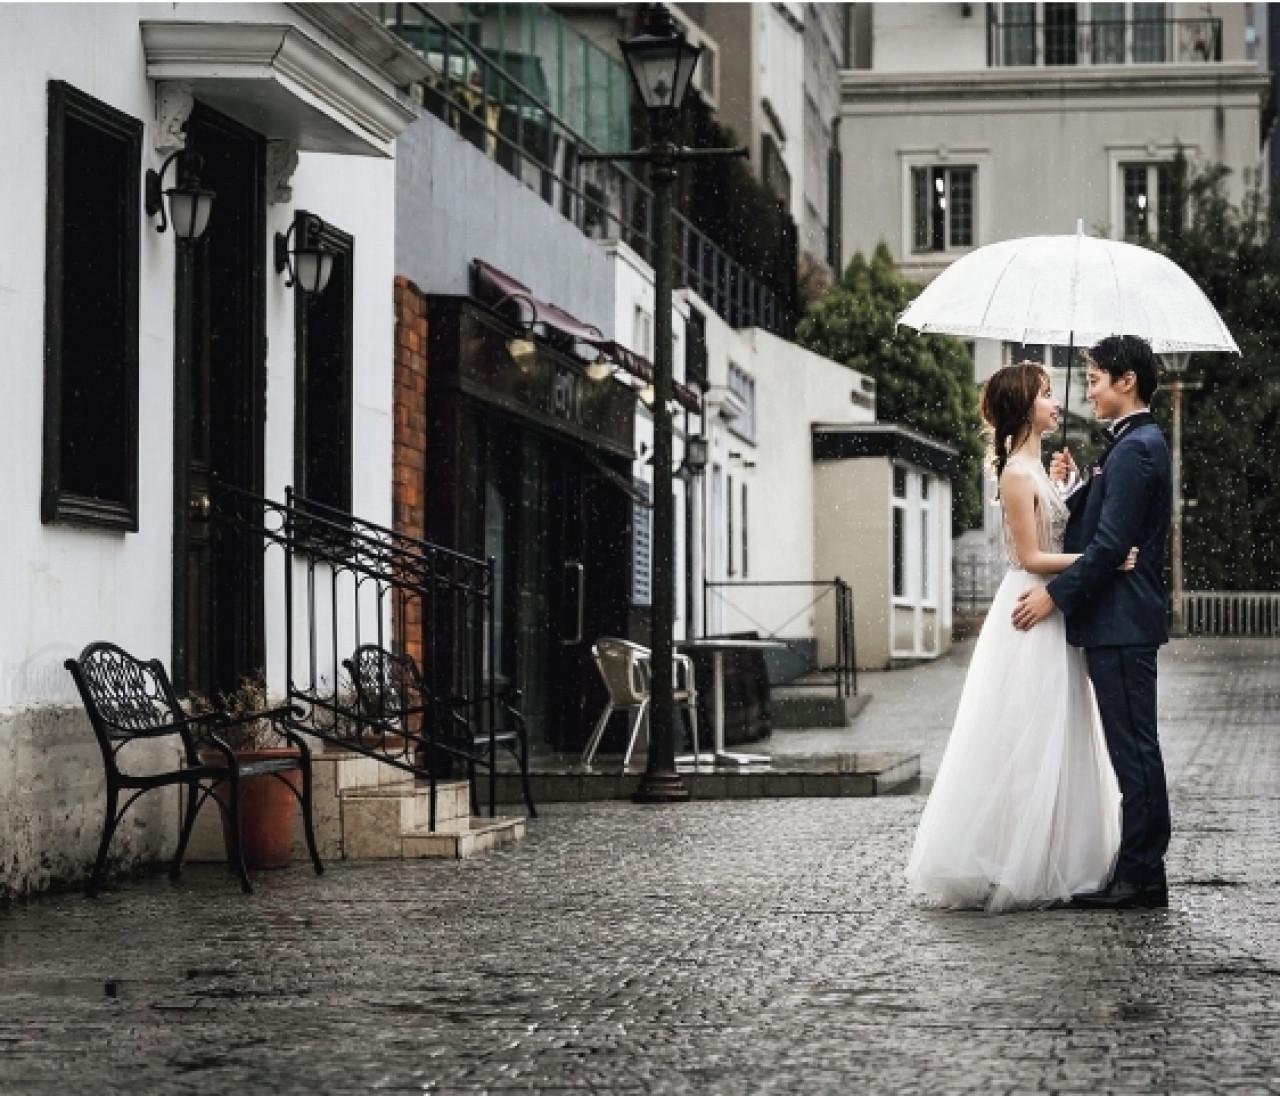 【withコロナの結婚式をポジティブ変換2】前撮りはもっとグレードアップできる!式が延期でも思い出の写真を増やして